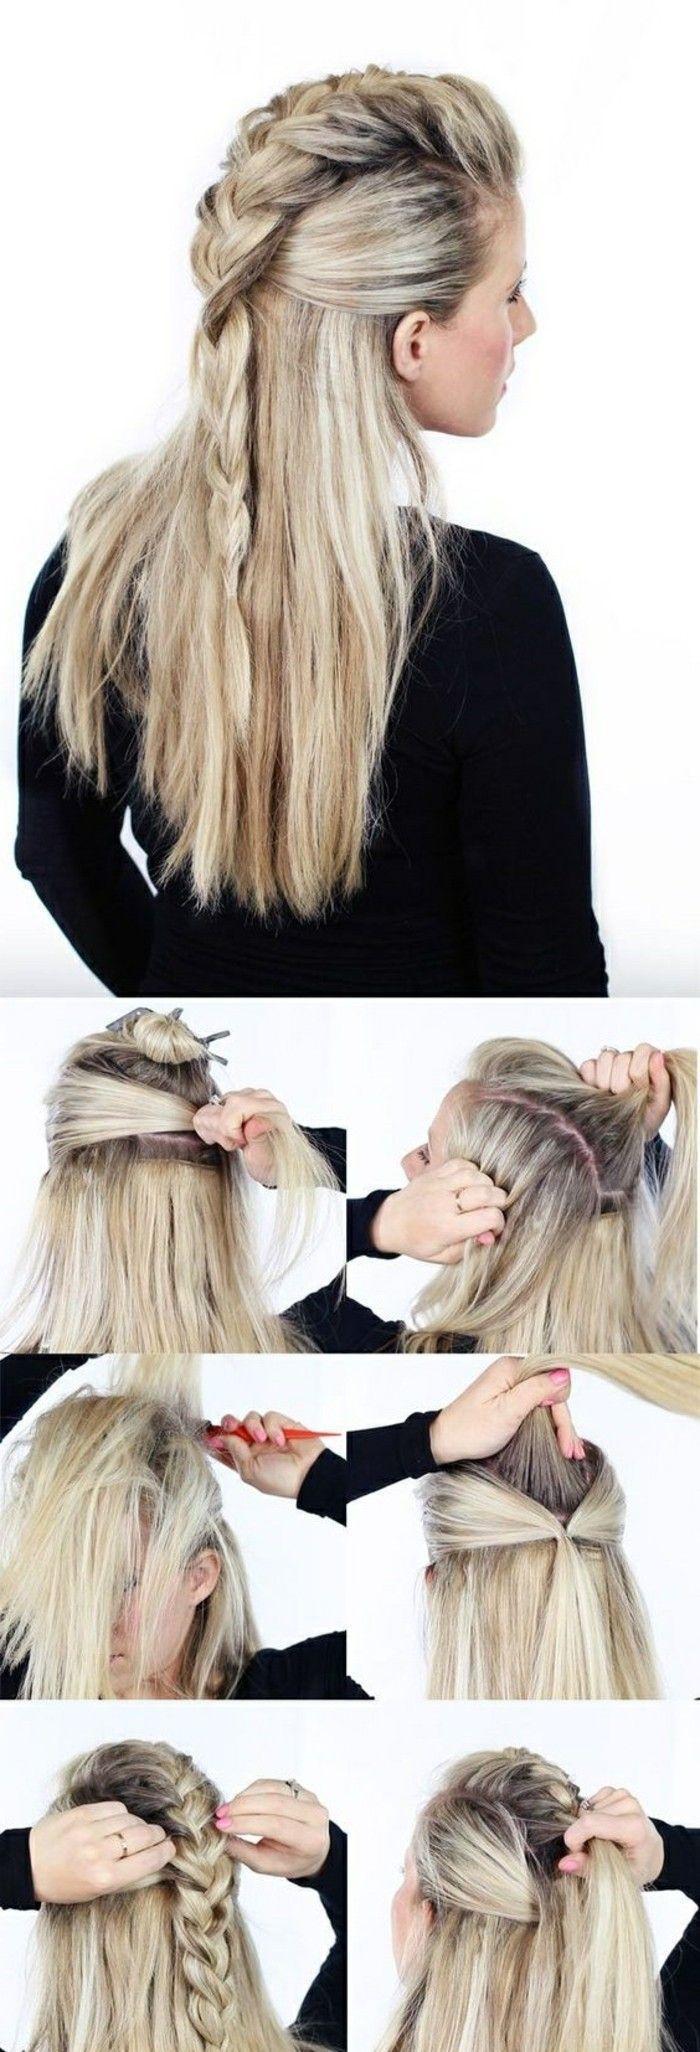 ▷ 1001 + Ideen für schöne Haarfrisuren Plus Anleitungen zum Selbermachen – Make Up Welt